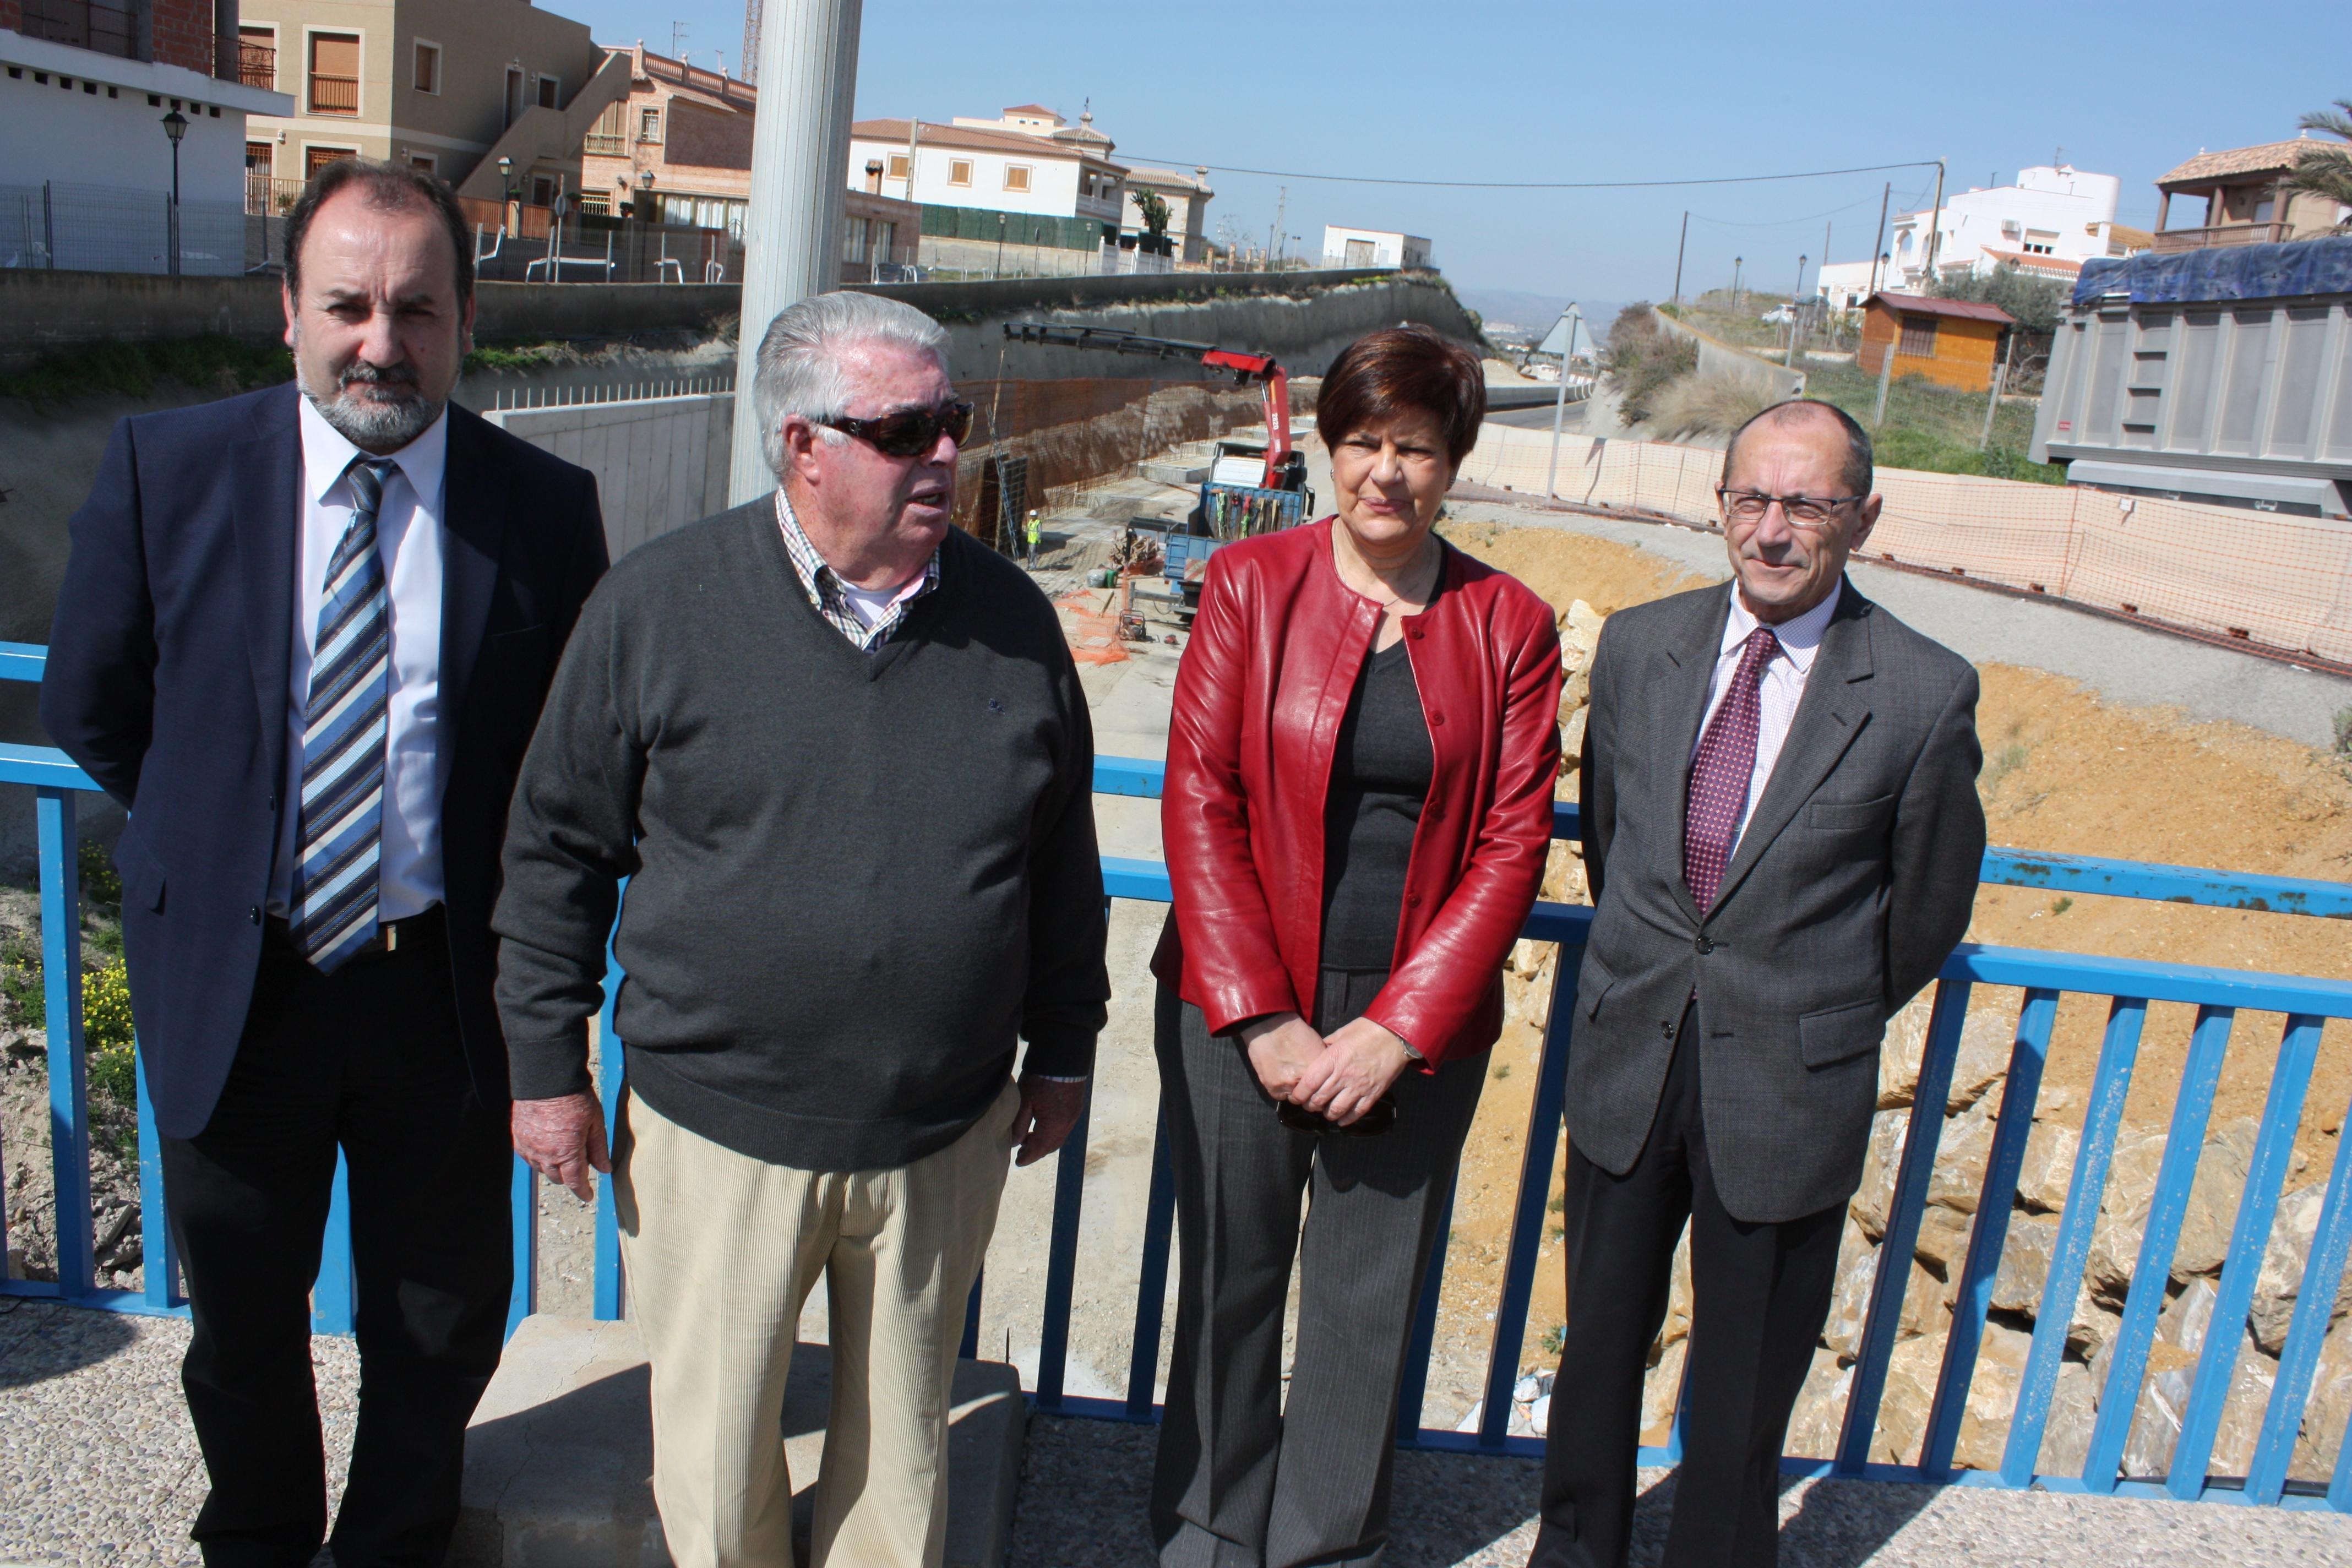 La consejera de Obras Públicas y Vivienda ha visitado hoy las obras del nuevo acceso soterrado